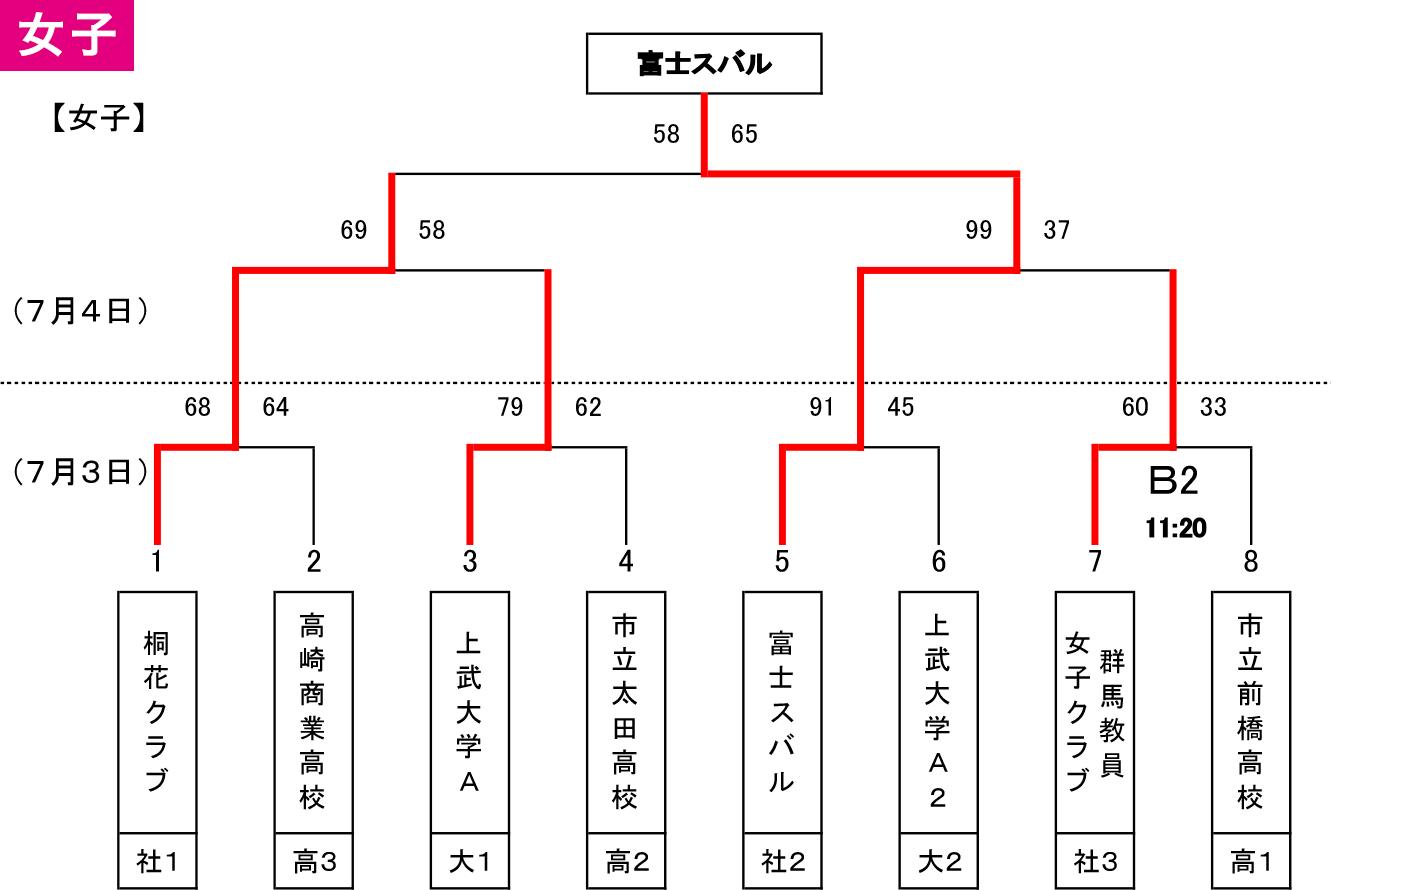 2021 第97回天皇杯 全日本選手権 群馬県代表決定戦 - 女子 大会結果